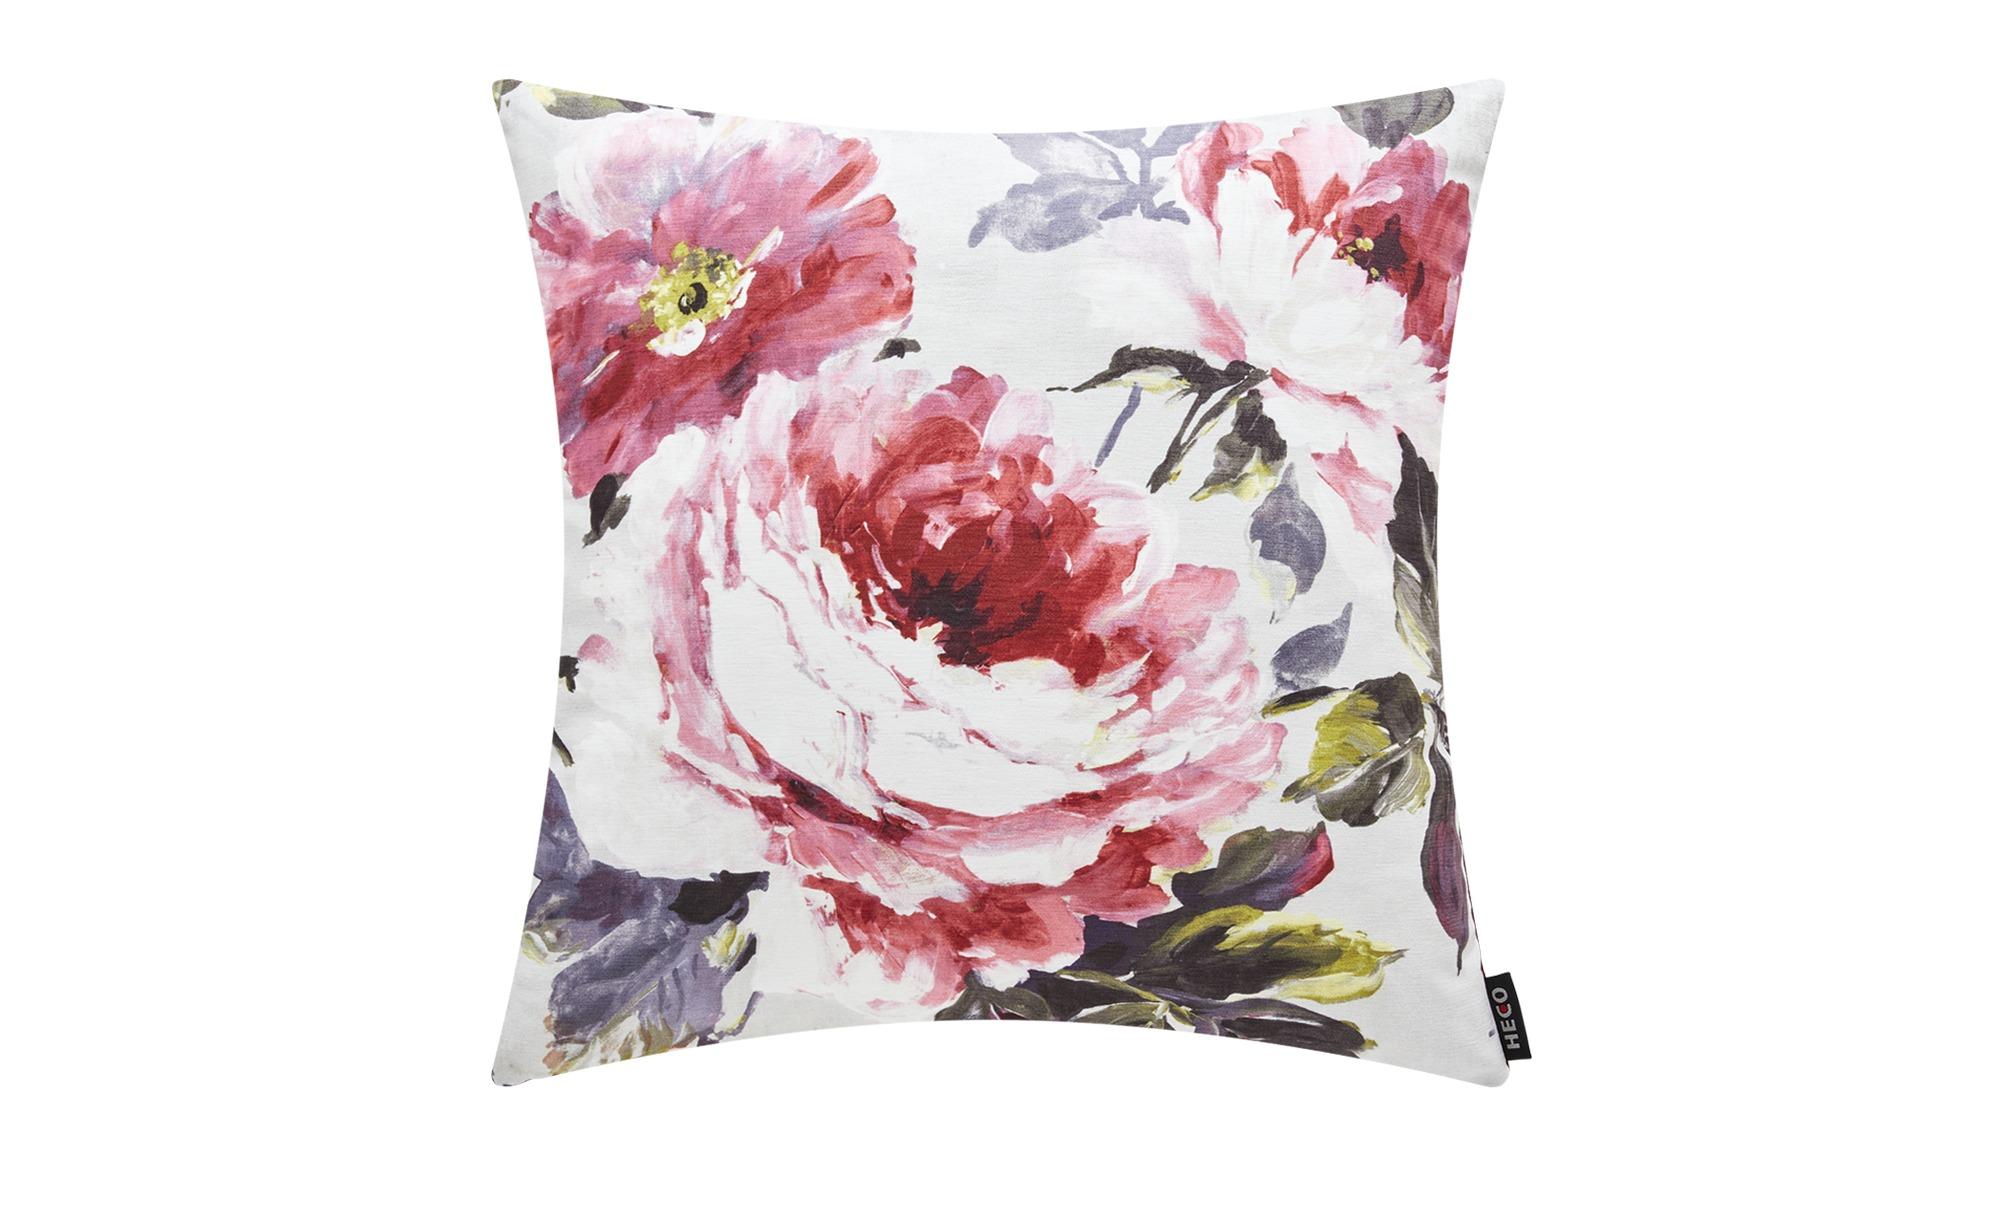 Wendekissen  Flower 2 ¦ lila/violett ¦ 100% Federfüllung ¦ Maße (cm): B: 48 Heimtextilien > Kissen > Dekokissen - Höffner